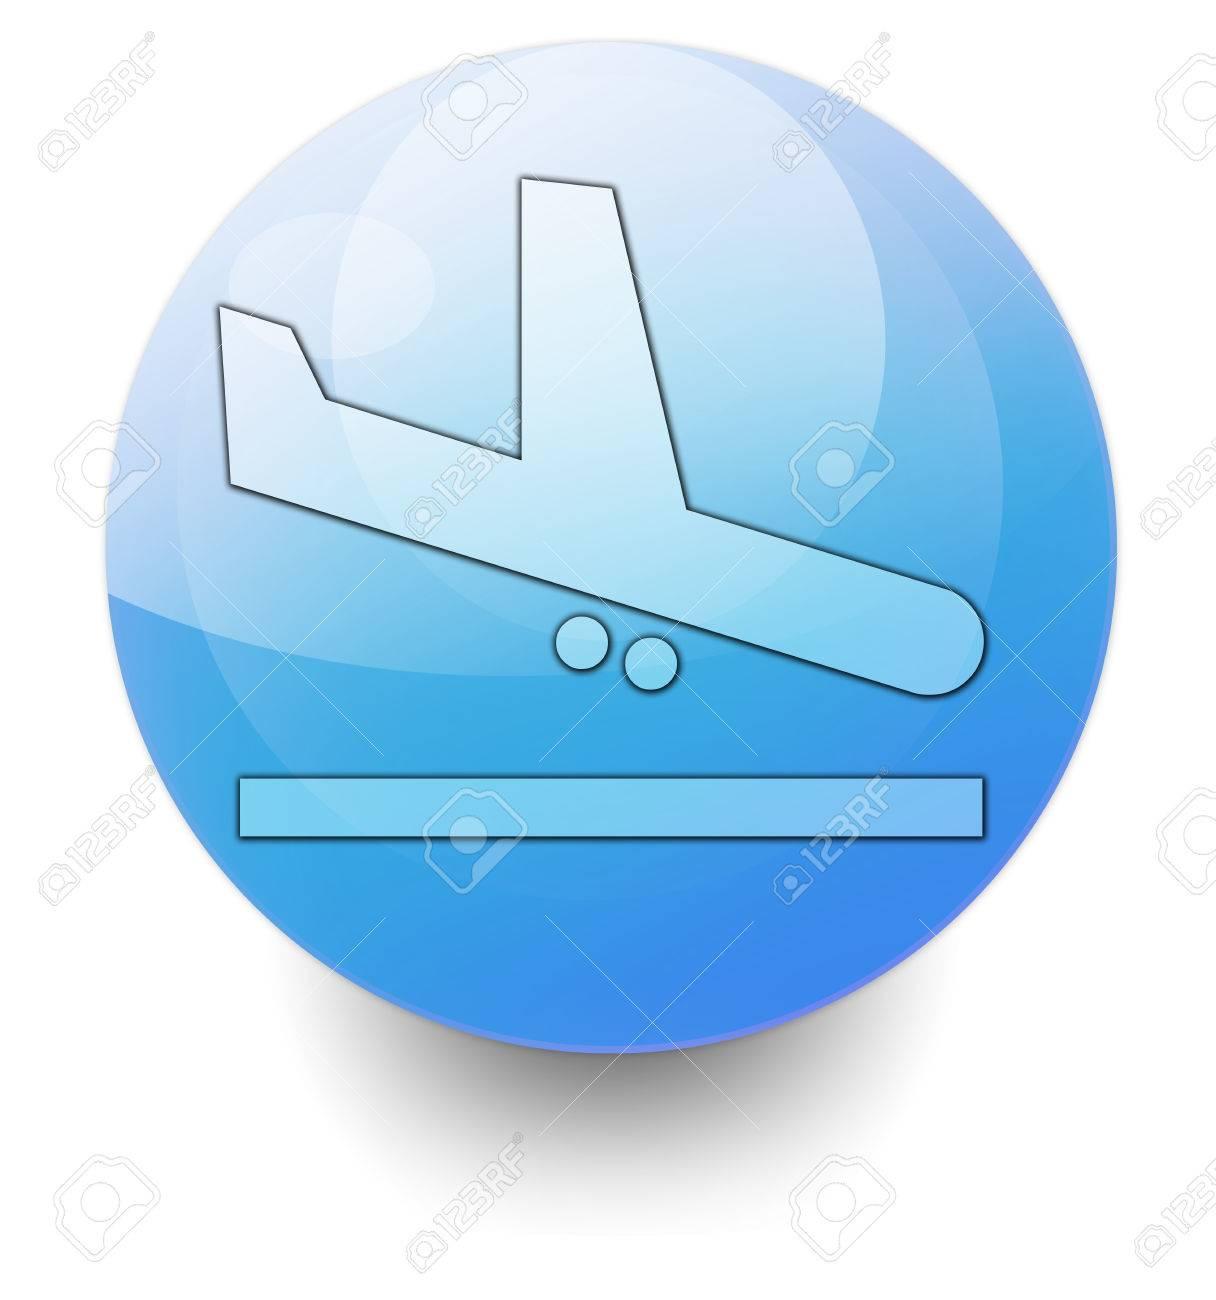 Icono, Botón, Pictograma Con El Símbolo De Llegadas Del Aeropuerto ...